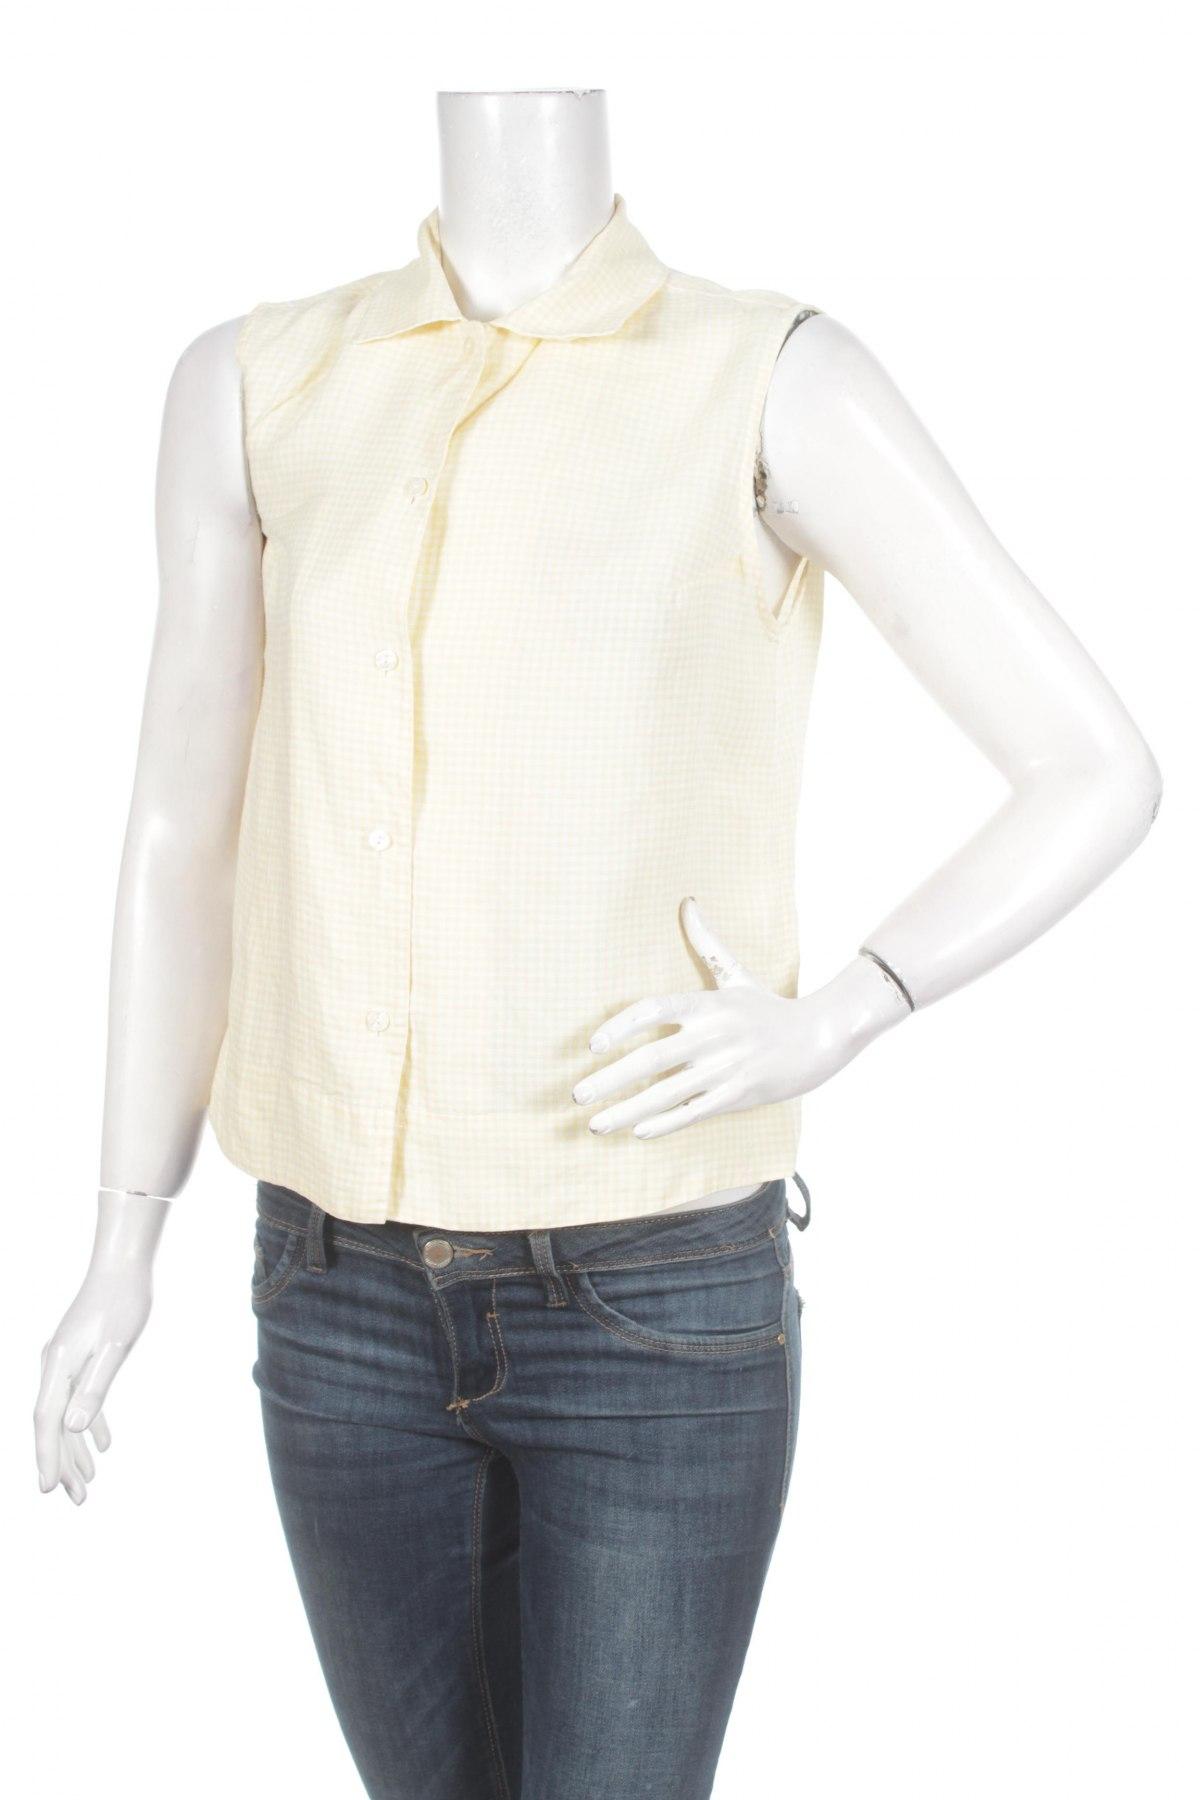 Γυναικείο πουκάμισο Marco Pecci, Μέγεθος L, Χρώμα Κίτρινο, Τιμή 11,13€